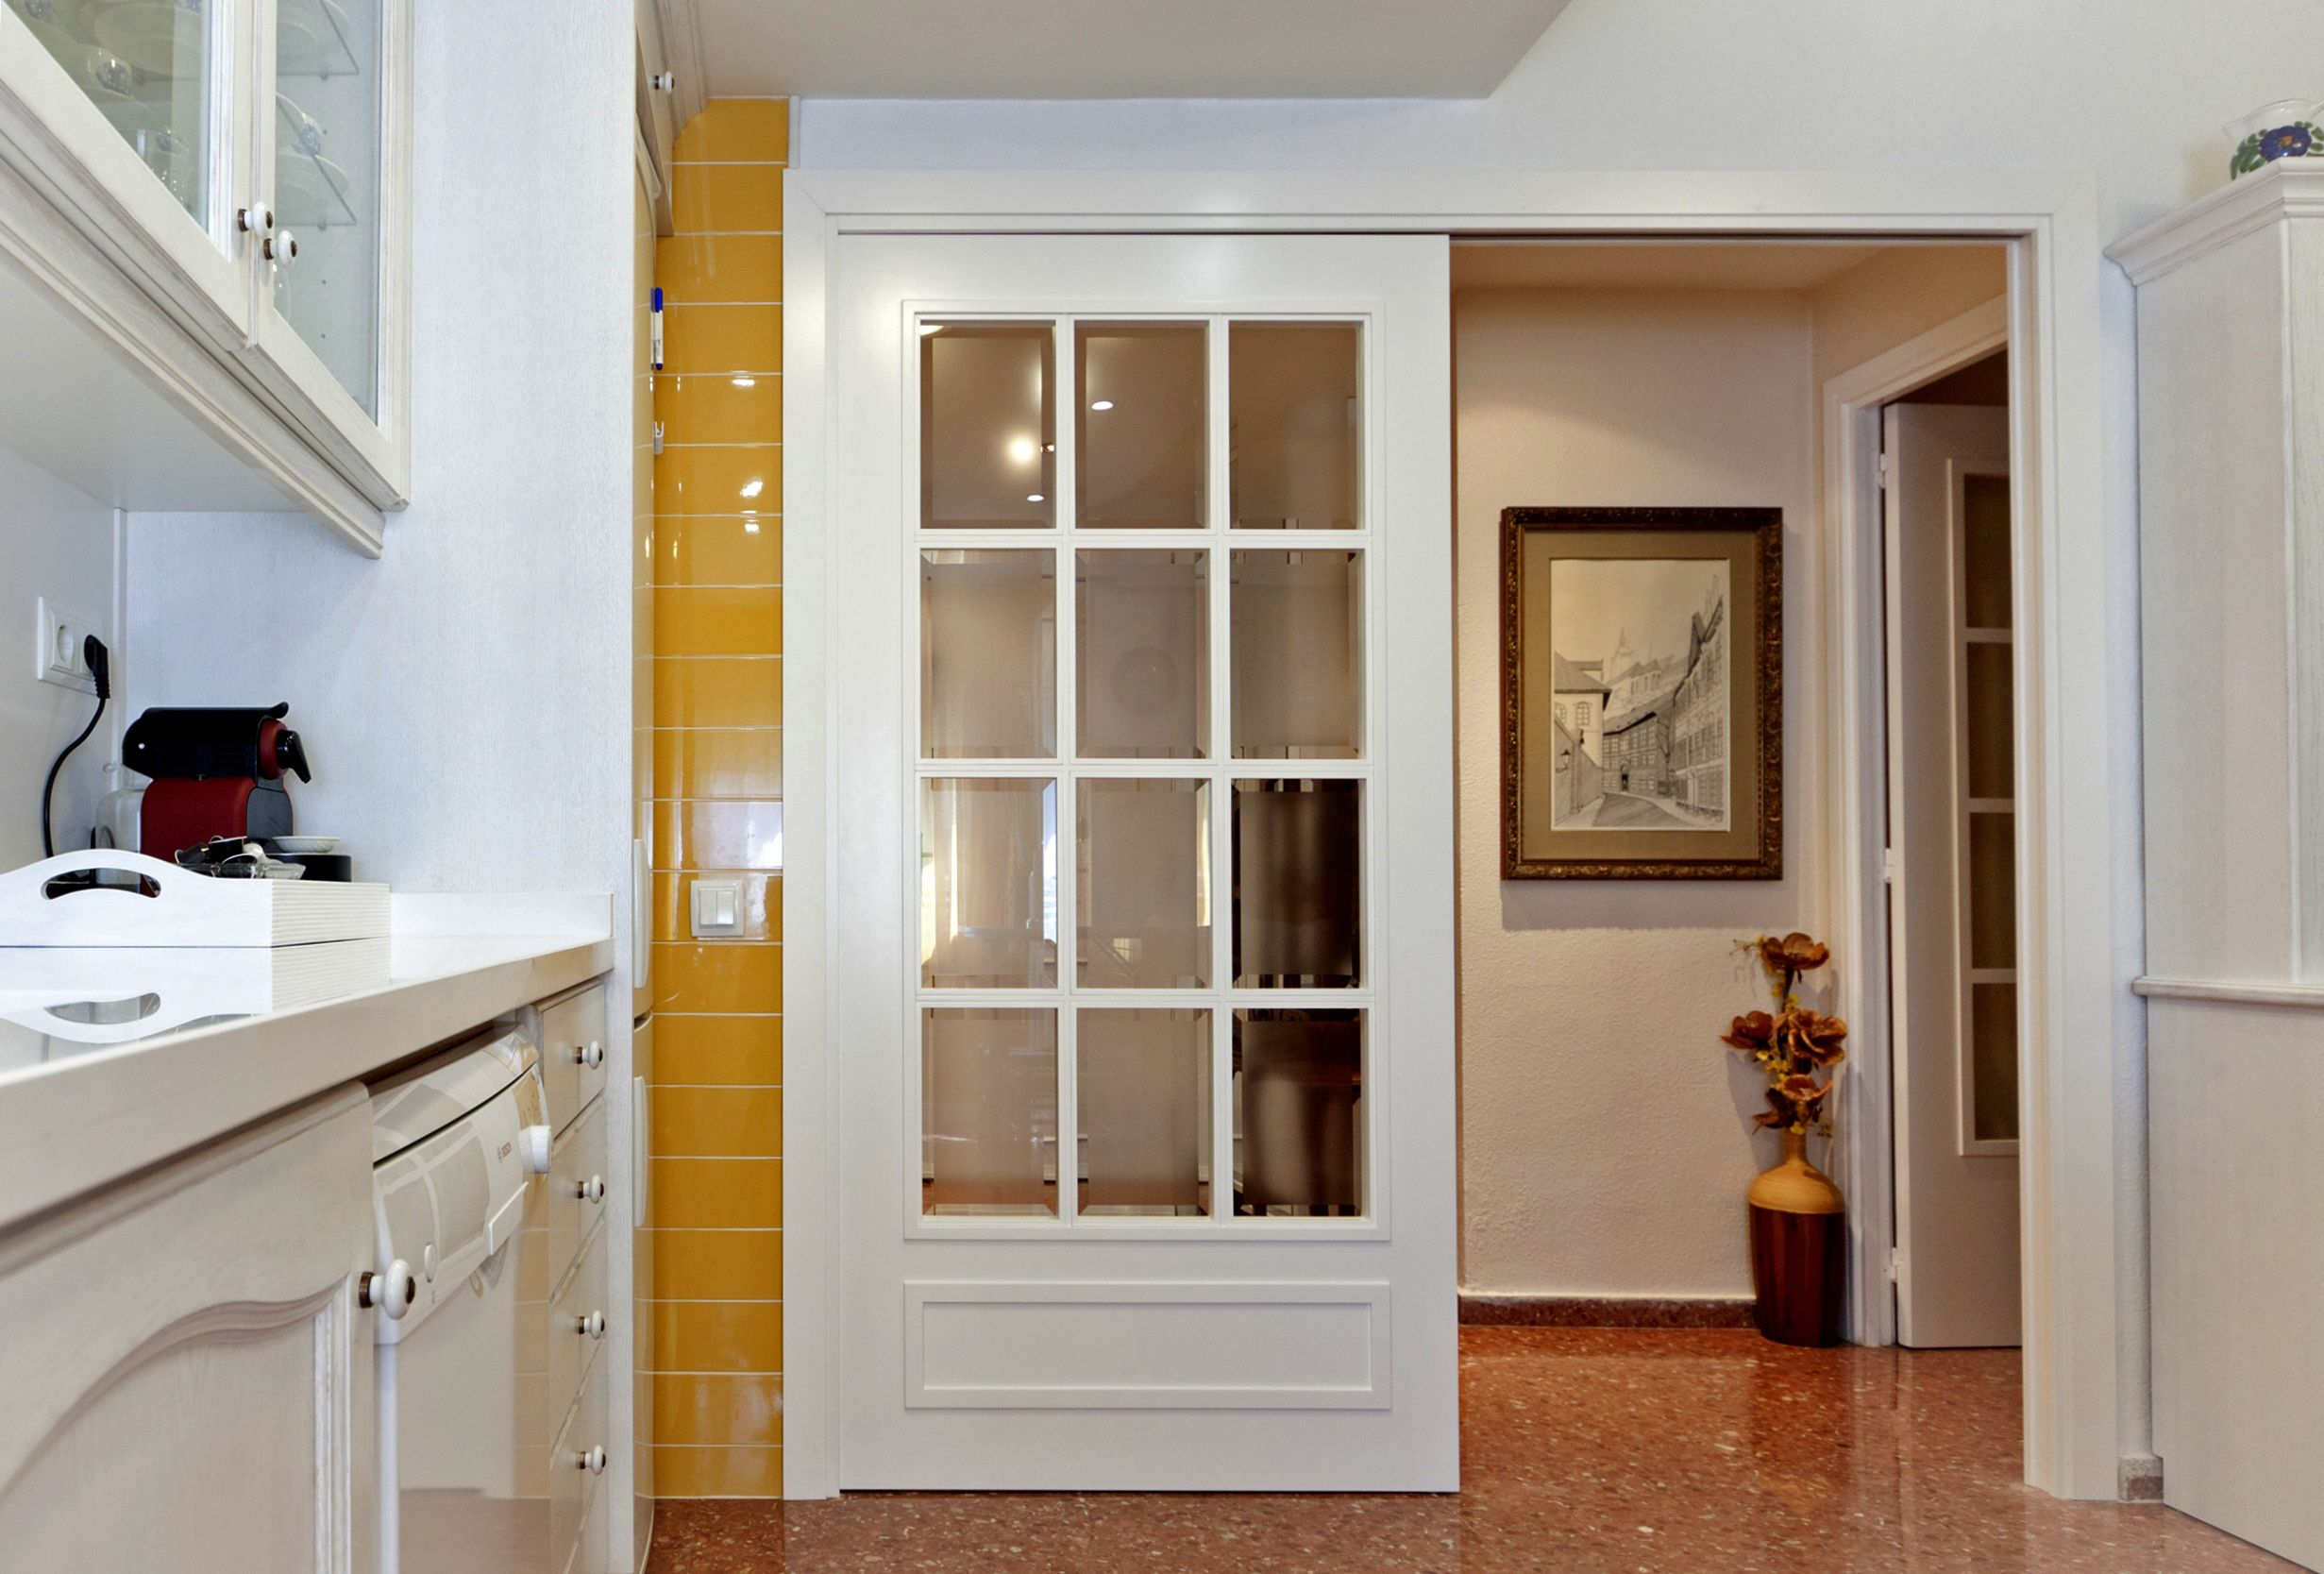 Puerta corredera blanca en concepto separador de ambientes for Puerta corredera blanca